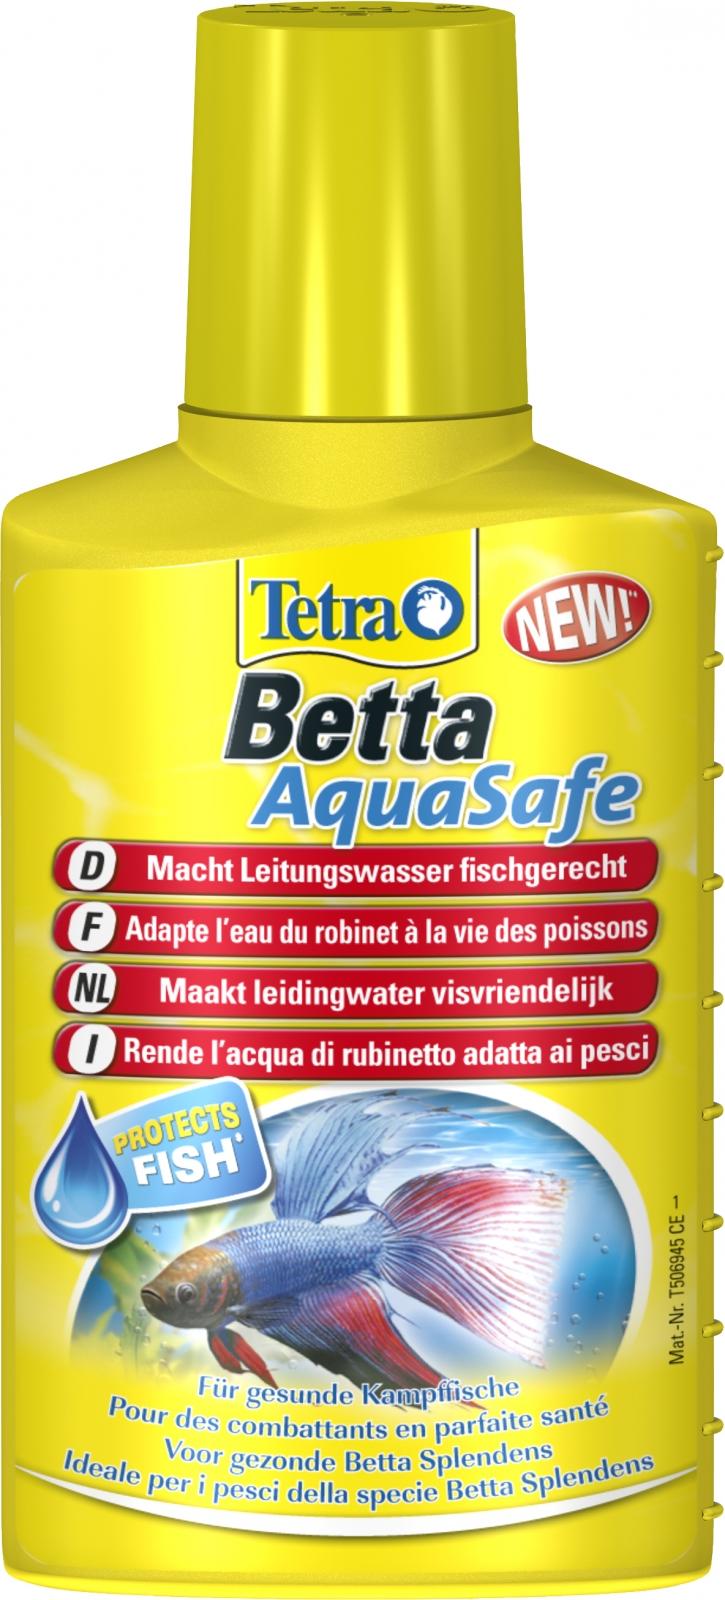 TETRA Betta AquaSafe 100 ml transforme instantanément l\'eau du robinet en une eau comme à l\'état naturel, adaptée aux besoins des poissons combattants